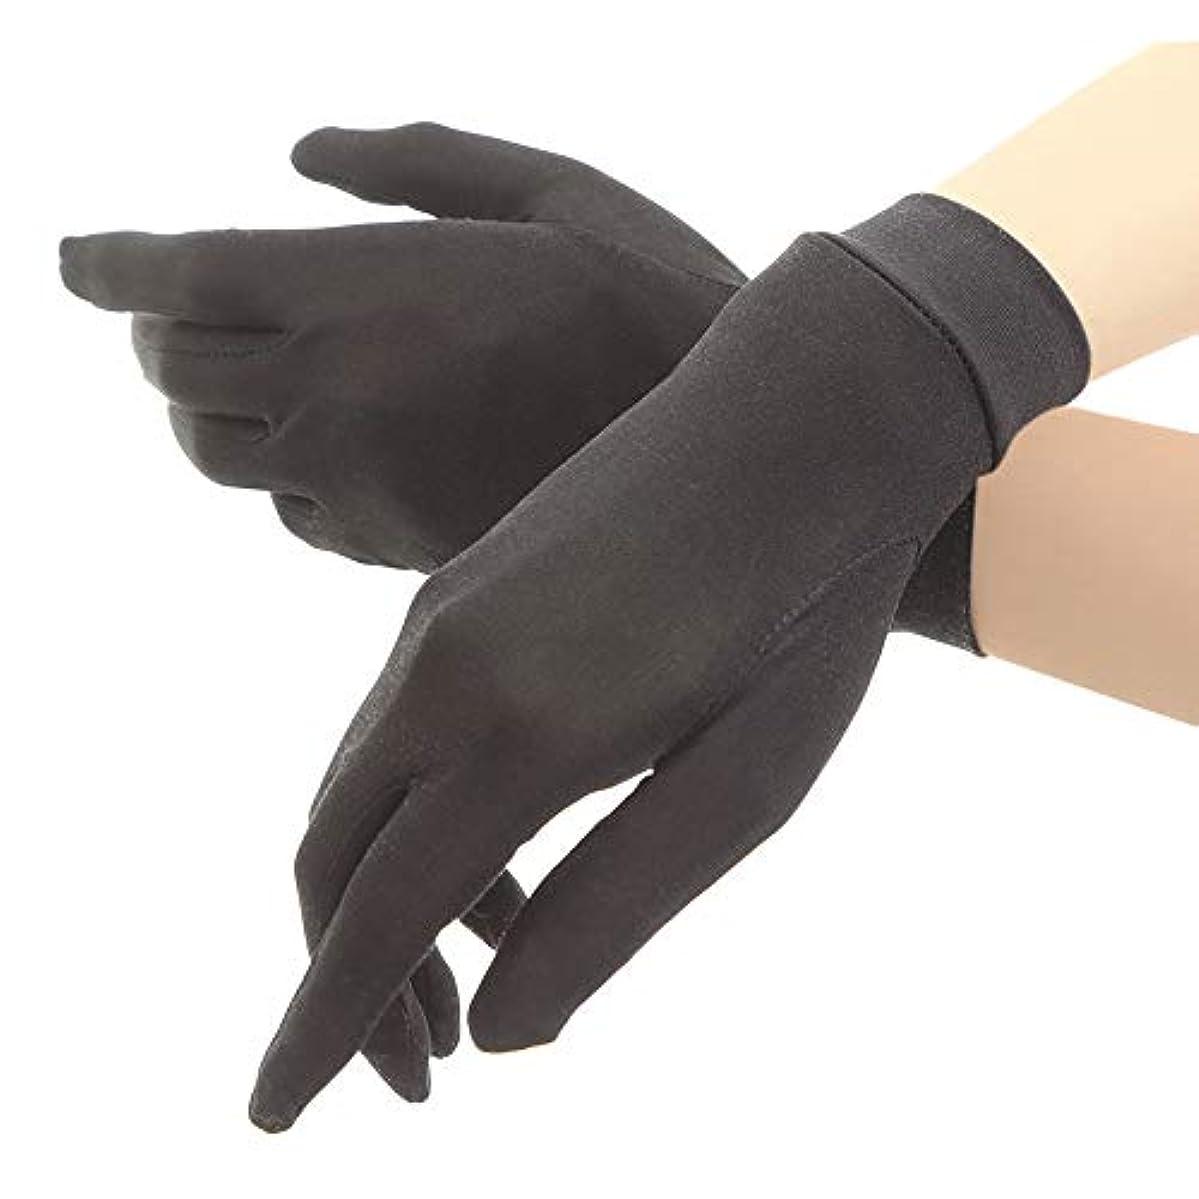 家うるさいゼリーシルク手袋 レディース 手袋 シルク 絹 ハンド ケア 保湿 紫外線 肌荒れ 乾燥 サイズアップで手指にマッチ 【macch】